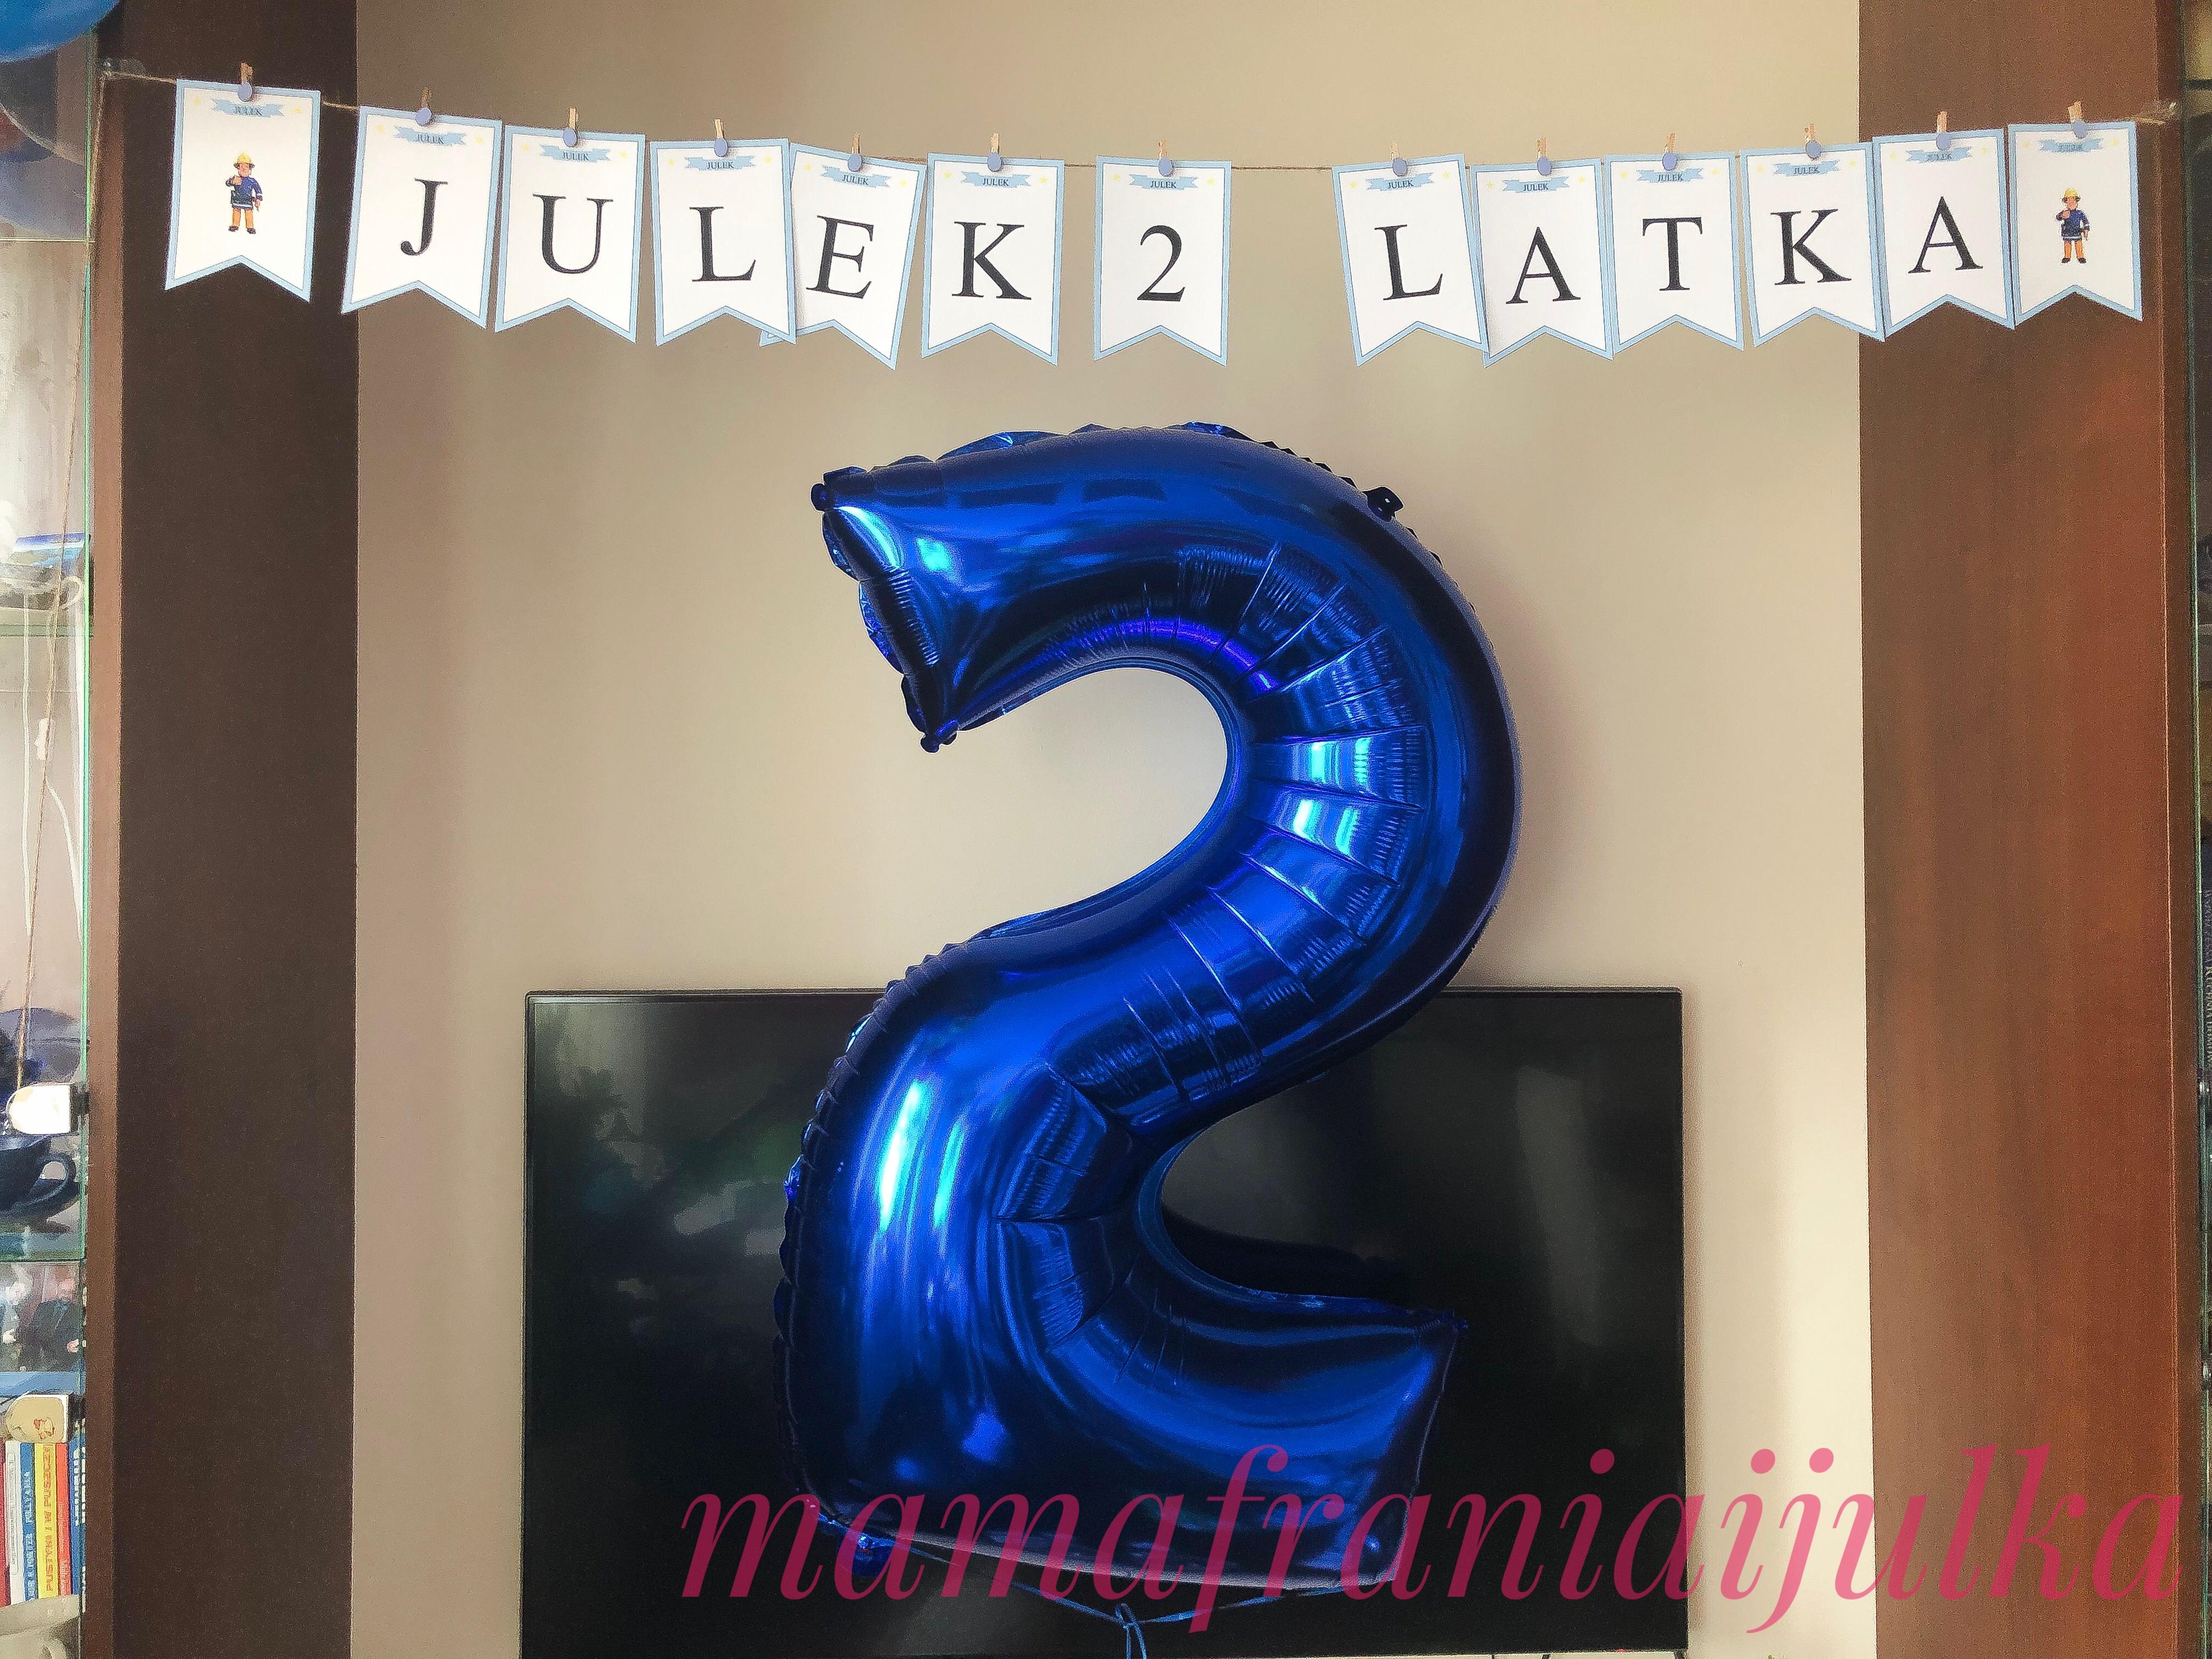 2 Urodziny Julka At Mamafraniaijulka